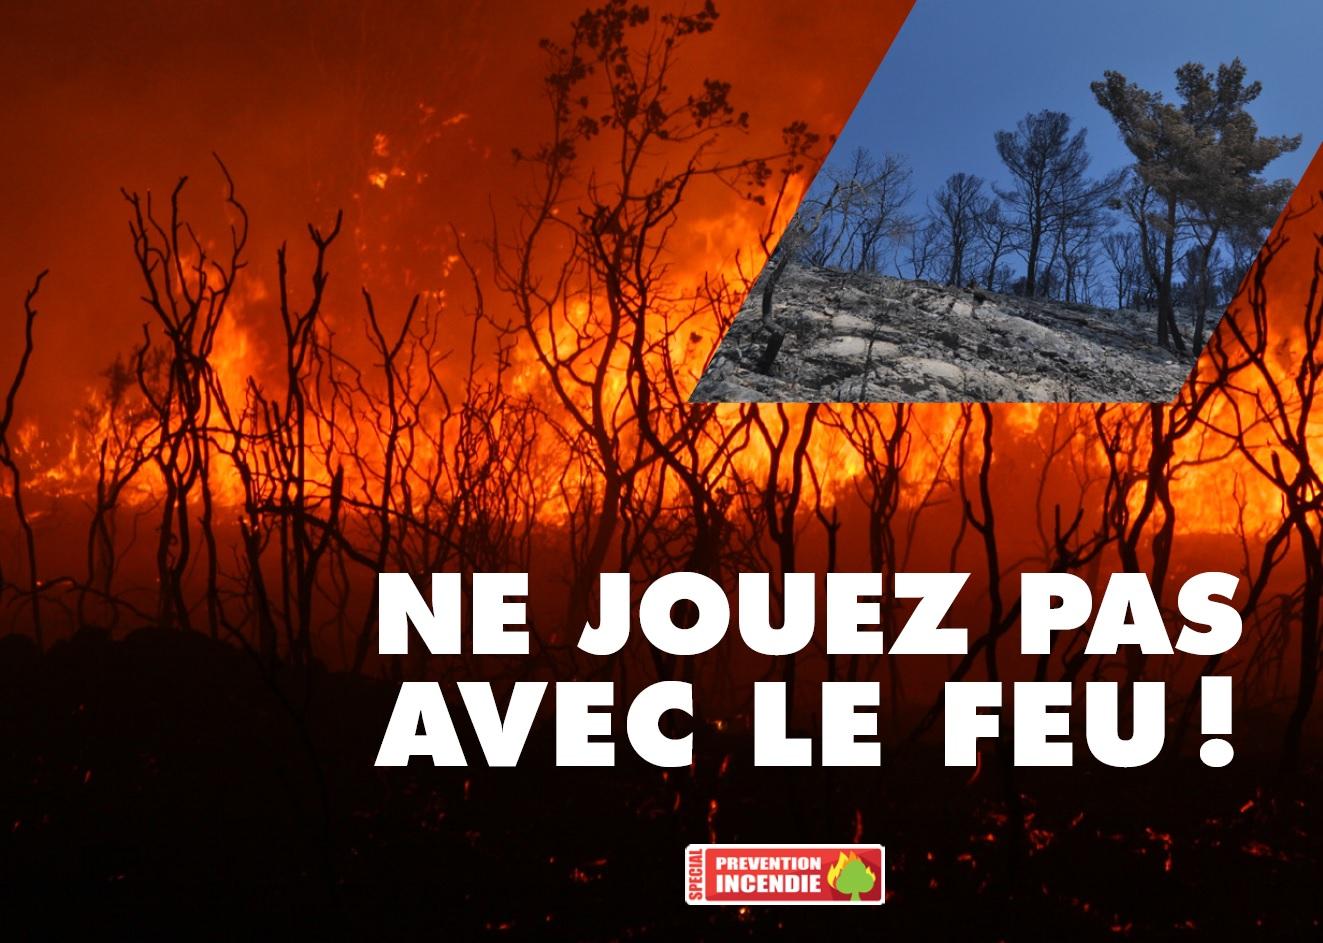 Ne jouez pas avec le feu